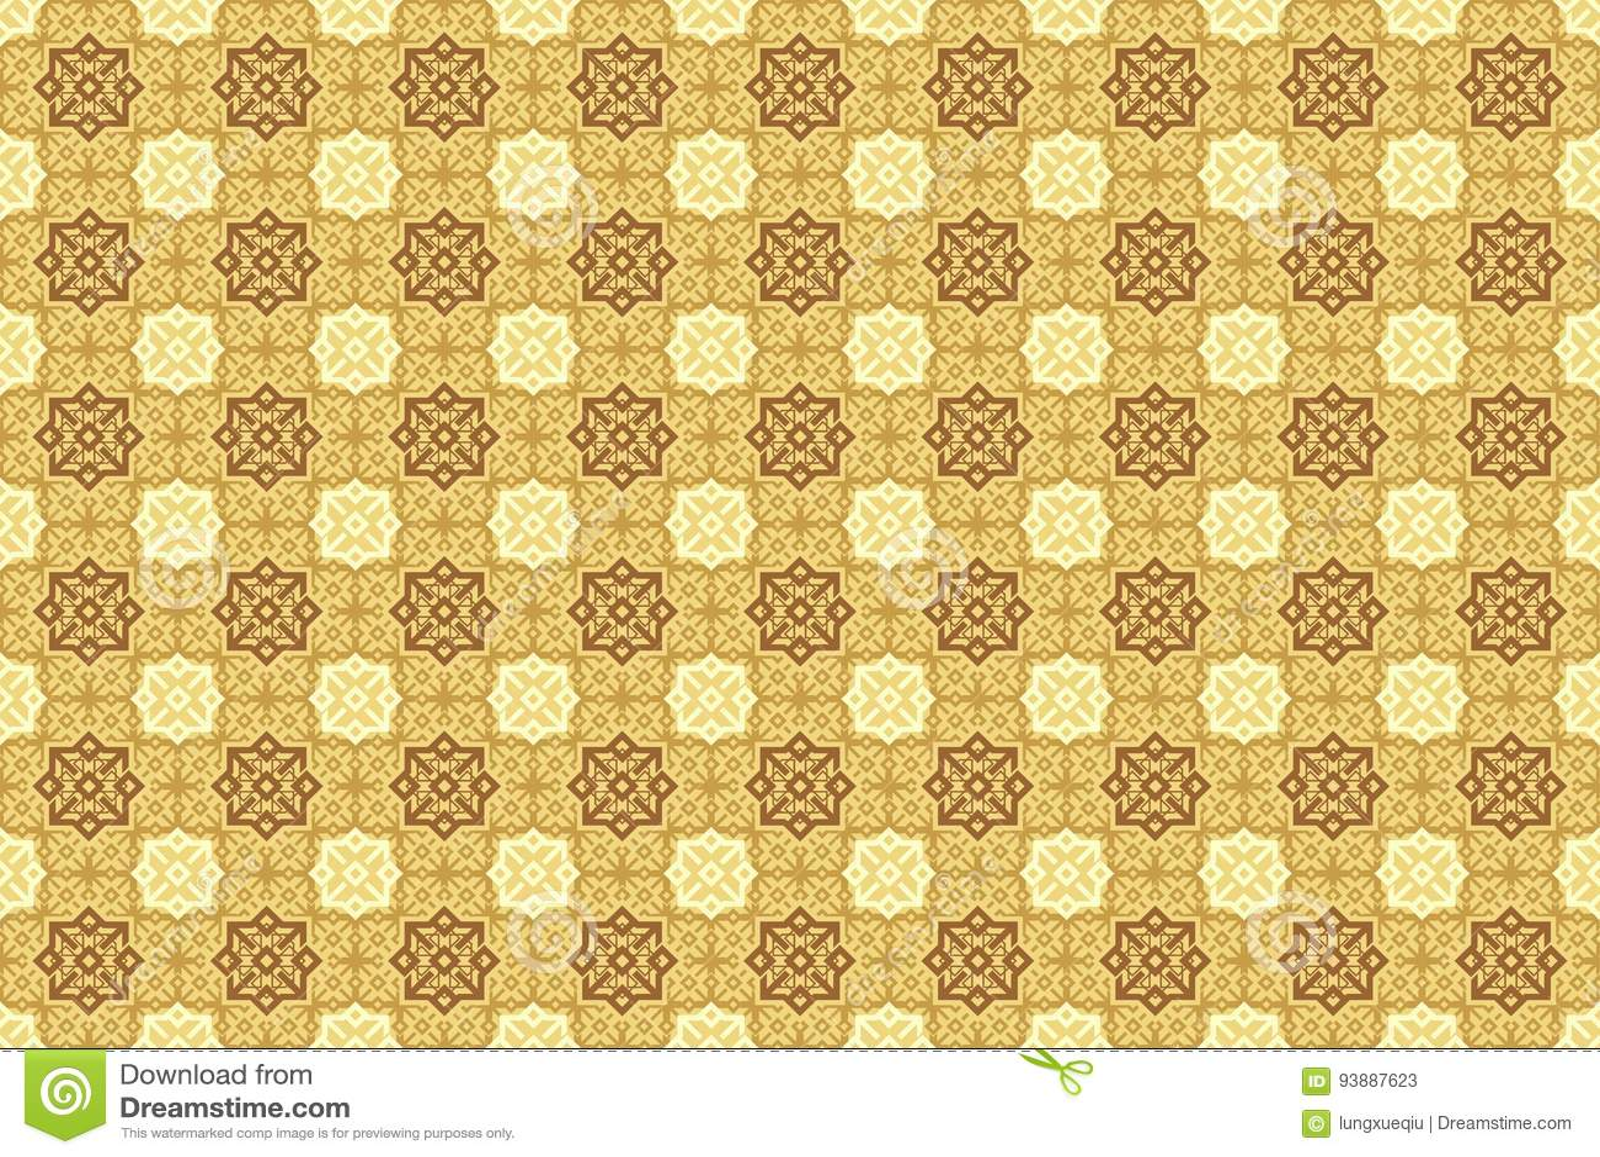 Oriental Arabian Ornamental in Brown Cappuccino Soft Cream Color Wallpaper